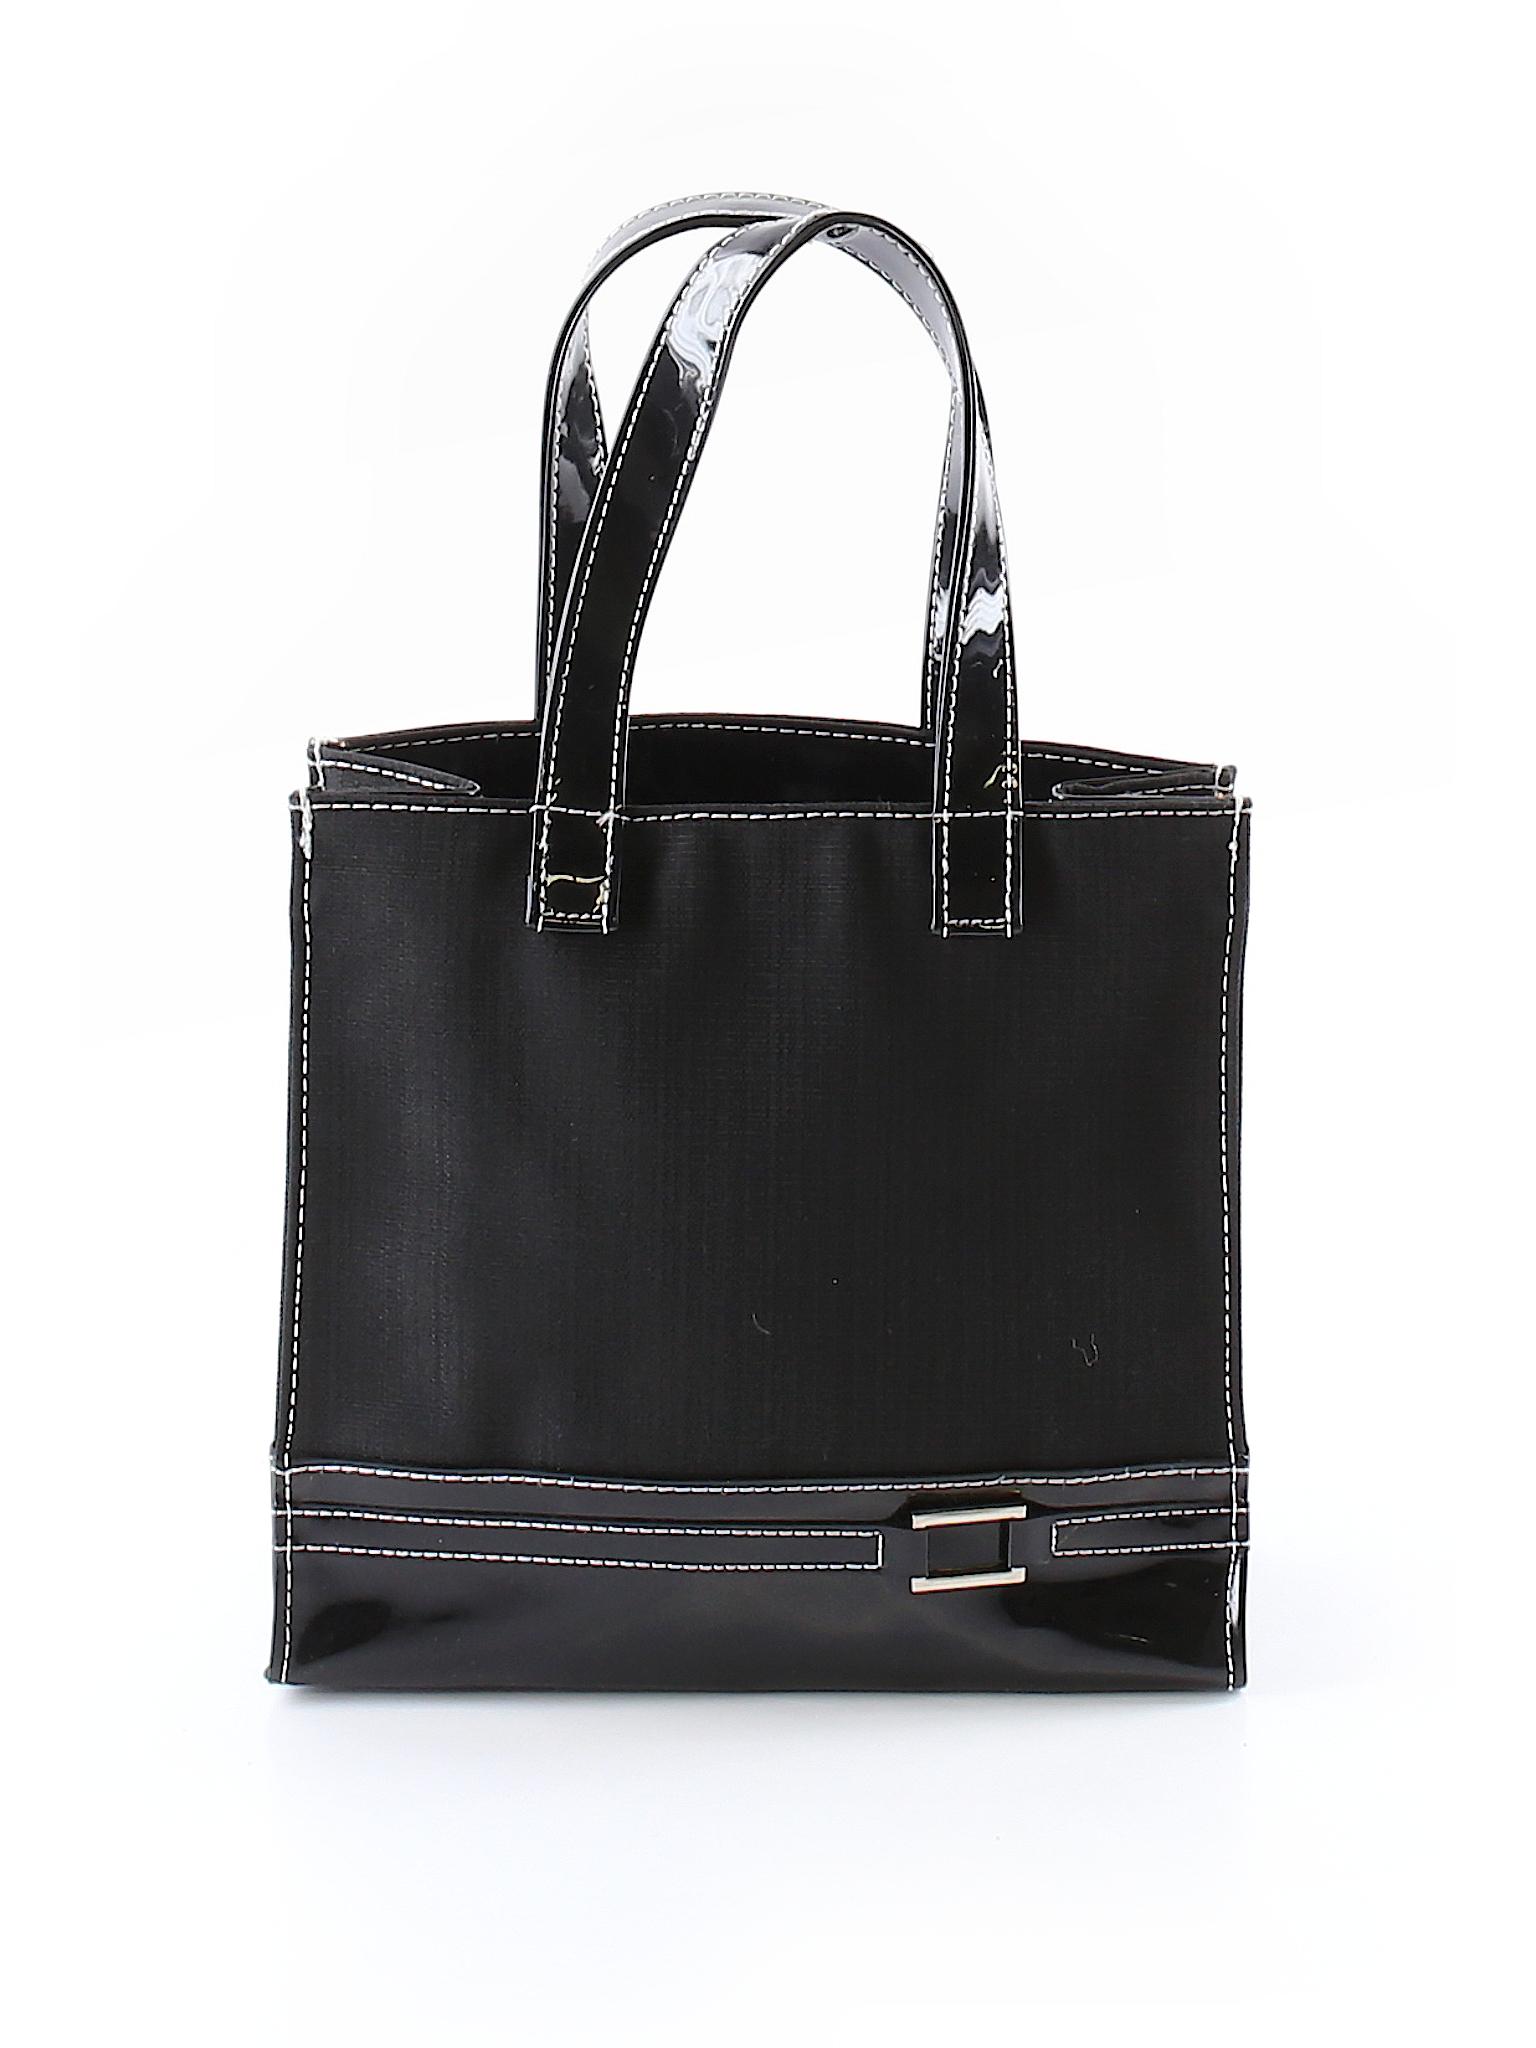 estee lauder makeup bag 66 off only on thredup. Black Bedroom Furniture Sets. Home Design Ideas